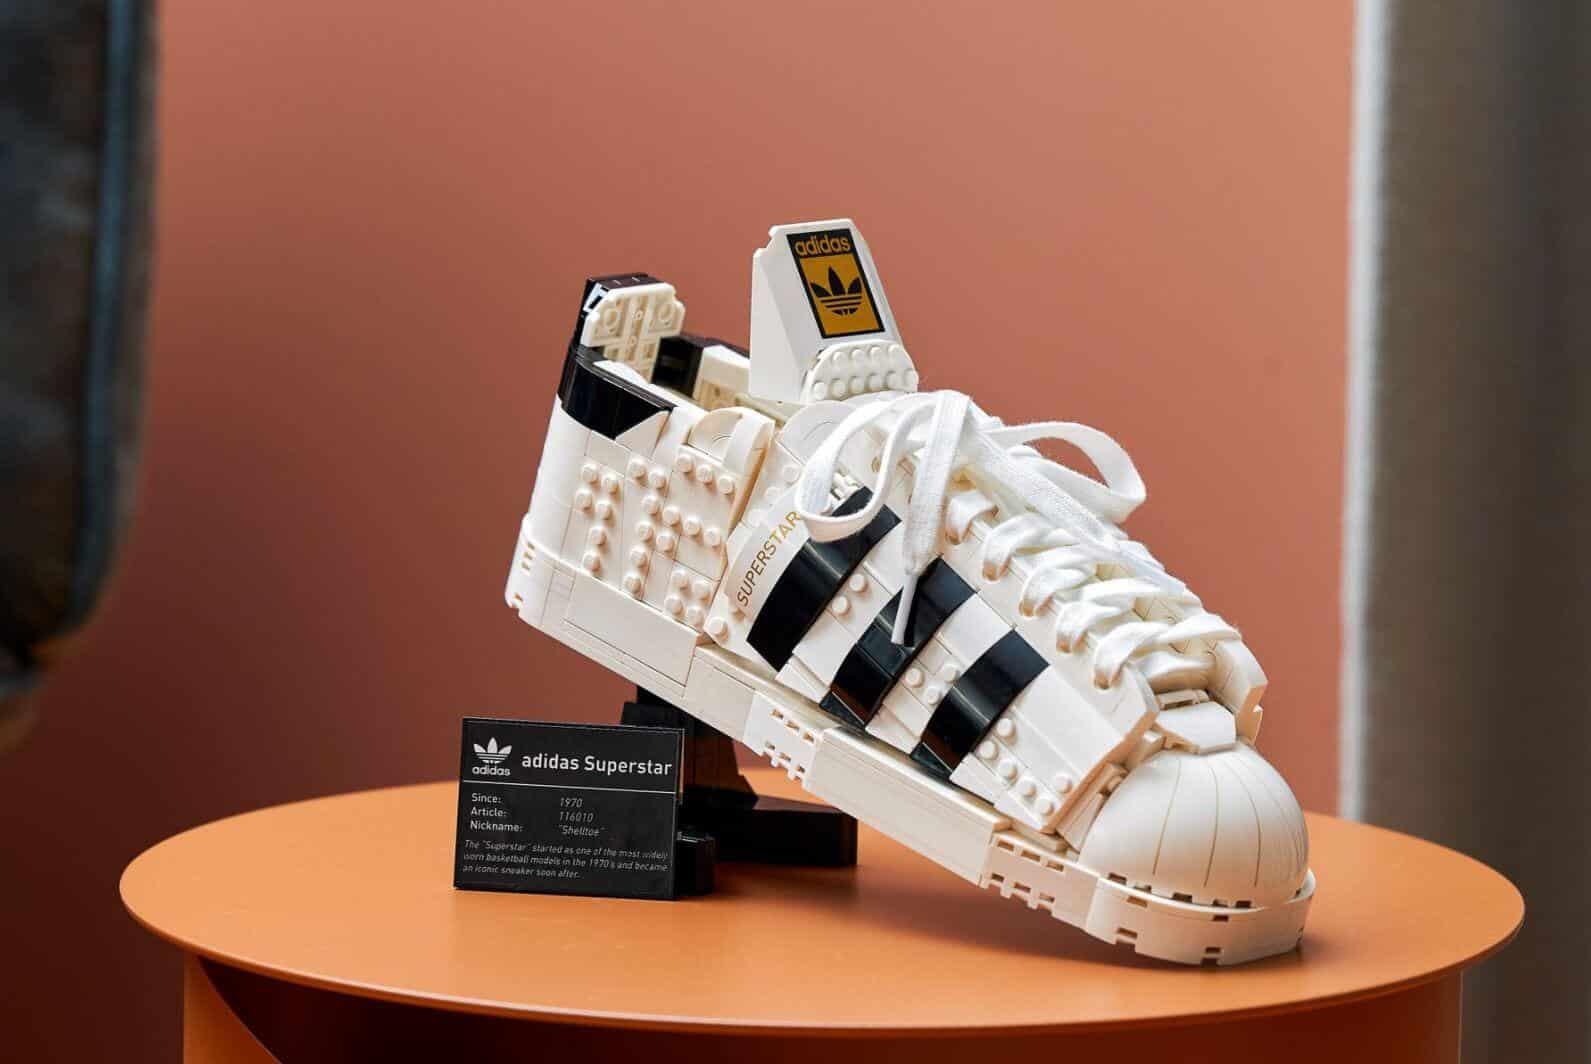 Set Lego scarpe Adidas